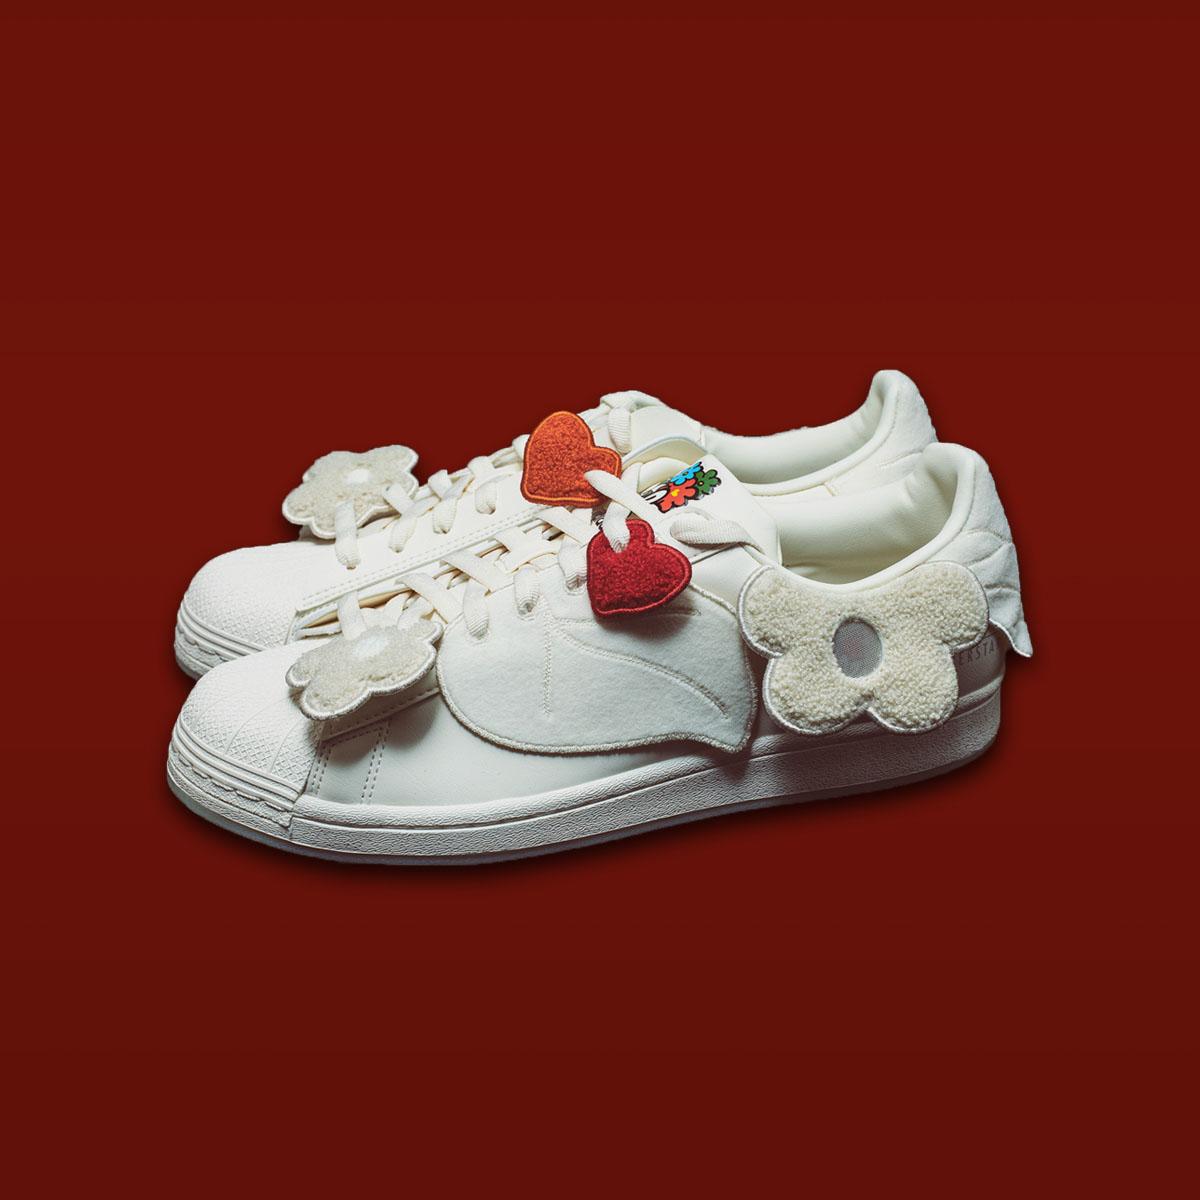 降价,清单,Nike,adidas,converse  六百多就能买冠希「死亡之吻」!这十几双联名鞋现在冲真不心疼!